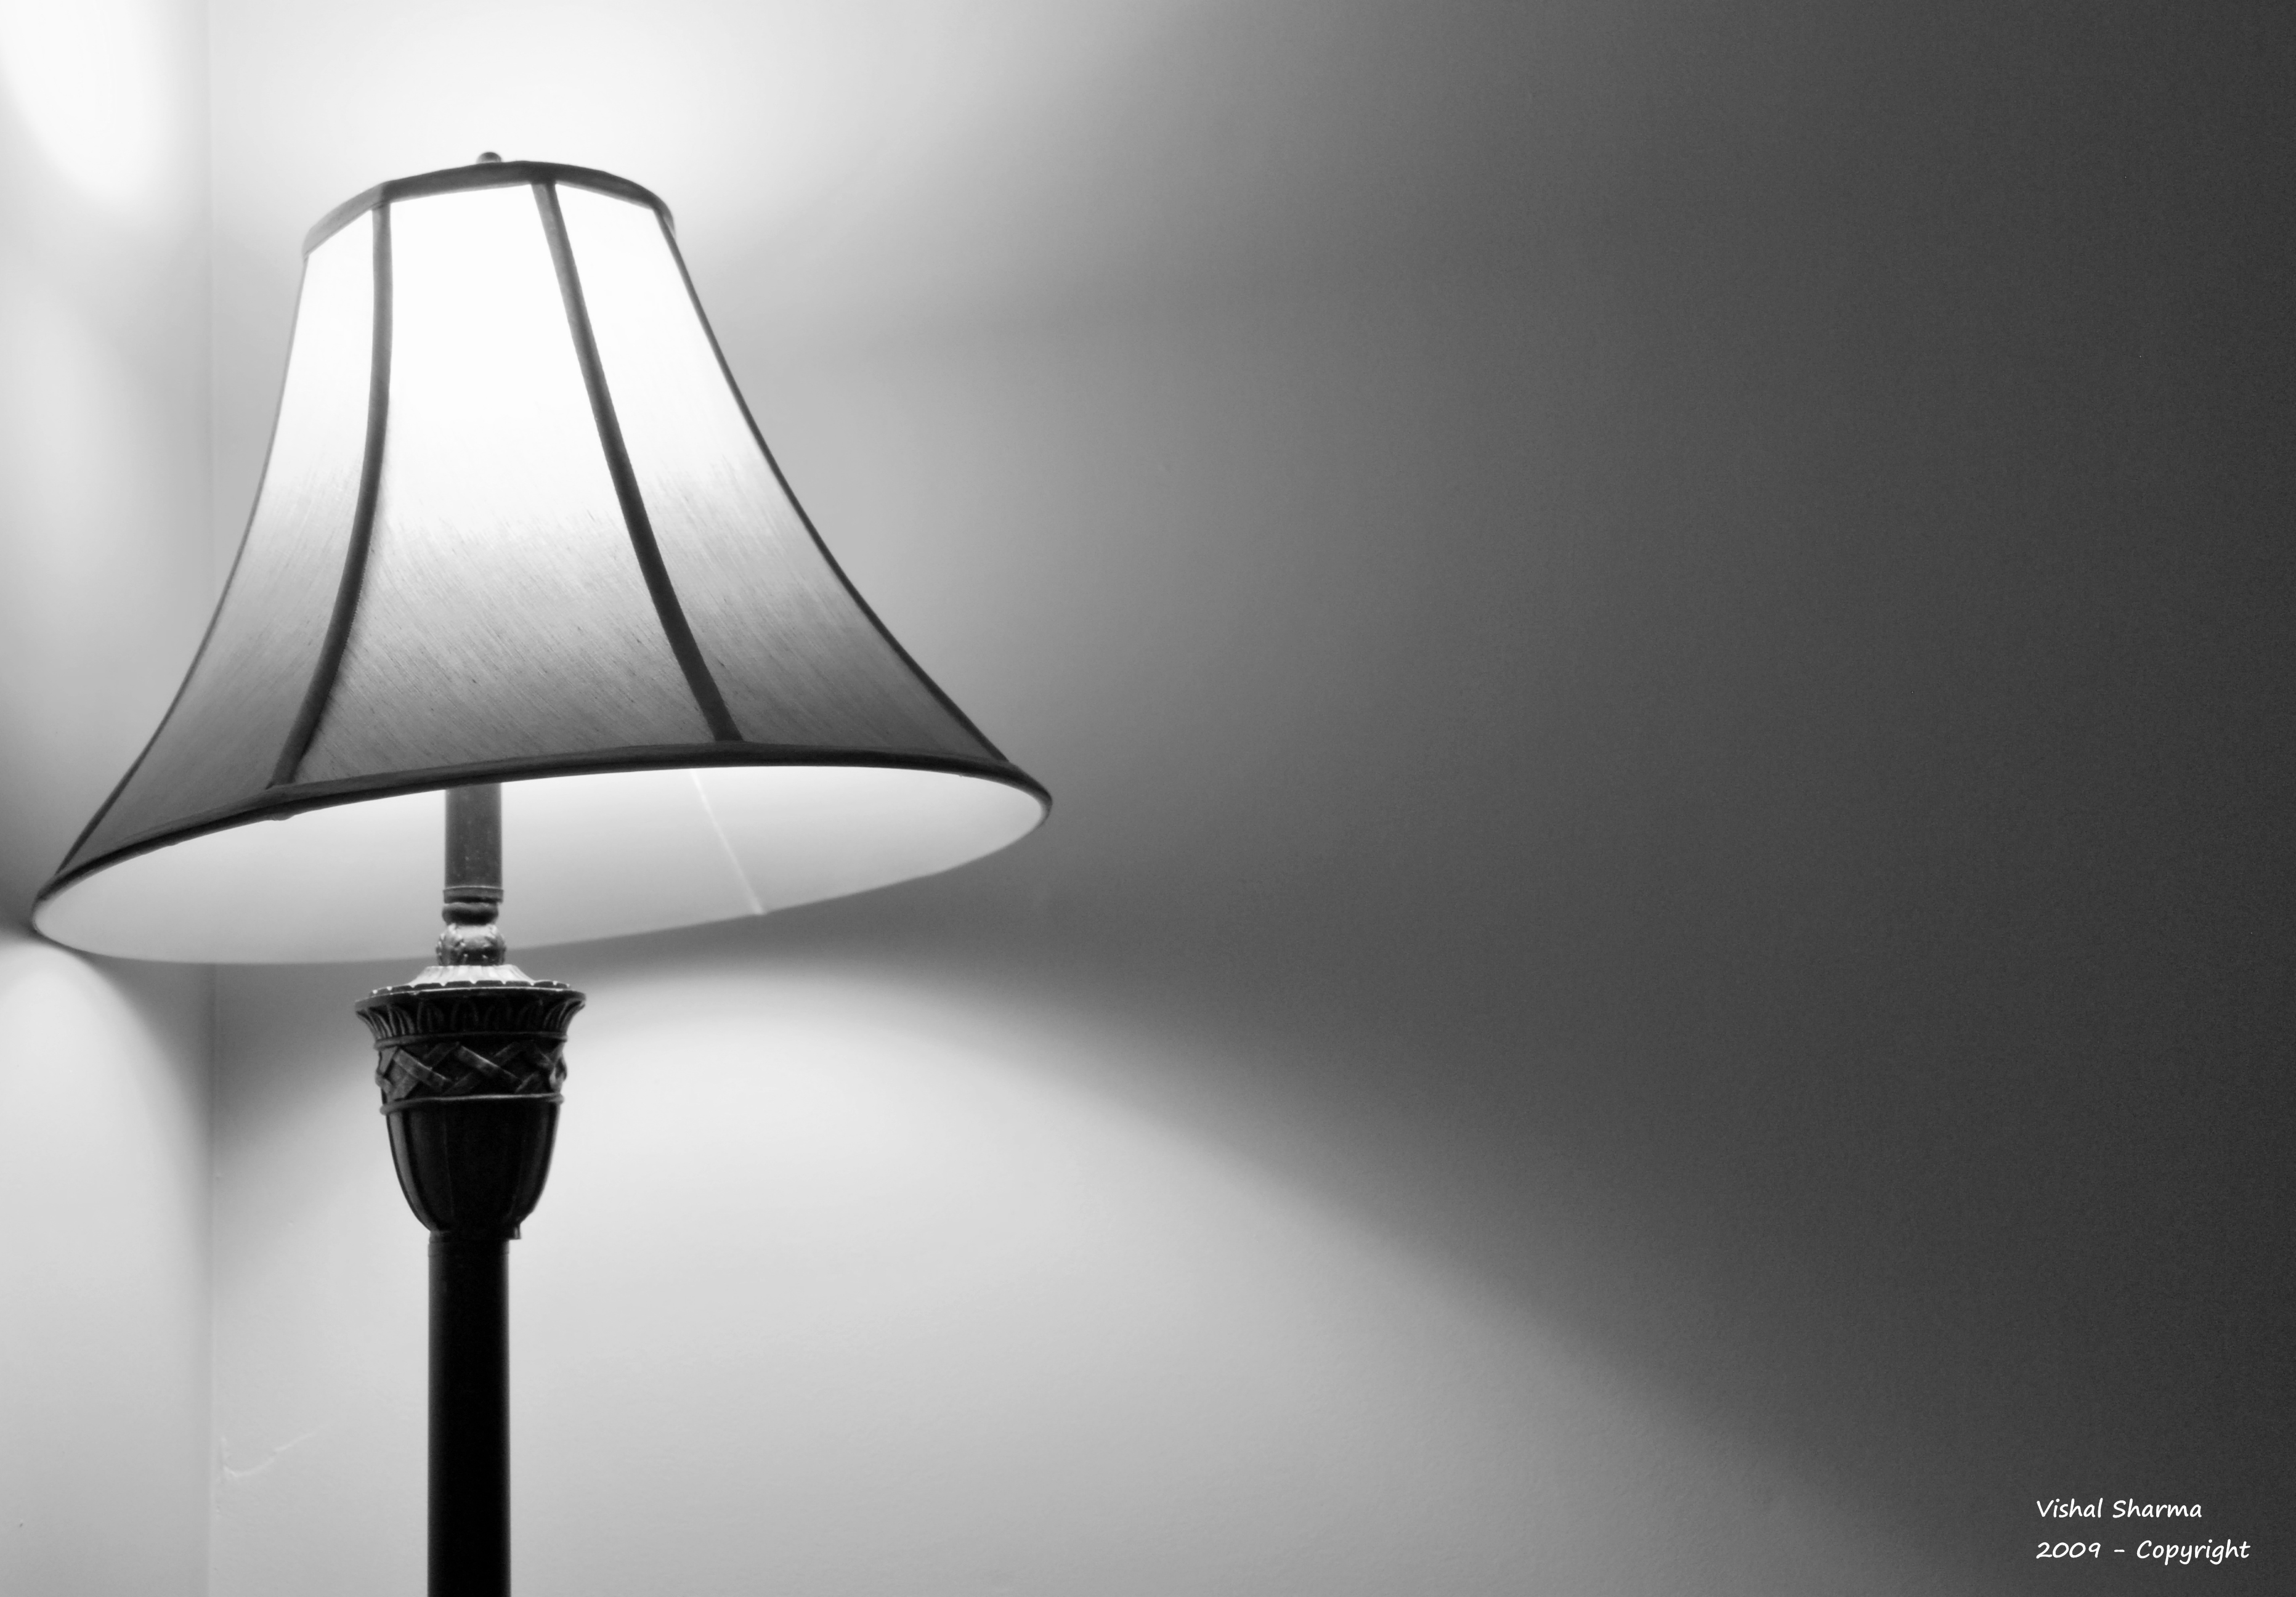 Wallpaper Lamp Shades : Tilted Lamp Shade by Vishal Sharma - Desktop Wallpaper